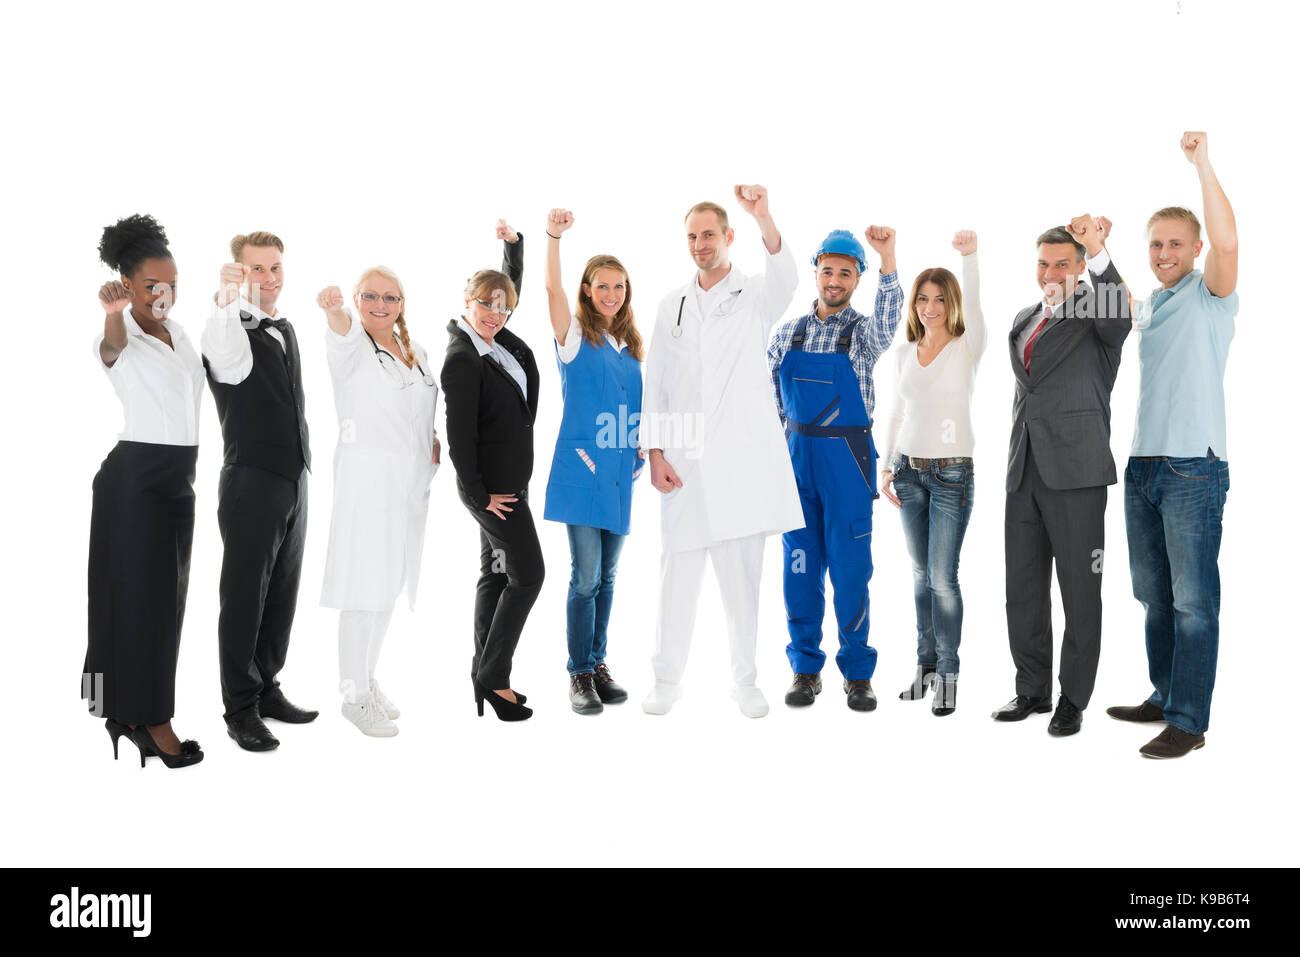 Retrato de longitud completa de personas con diversas ocupaciones aclamando contra el fondo blanco. Imagen De Stock